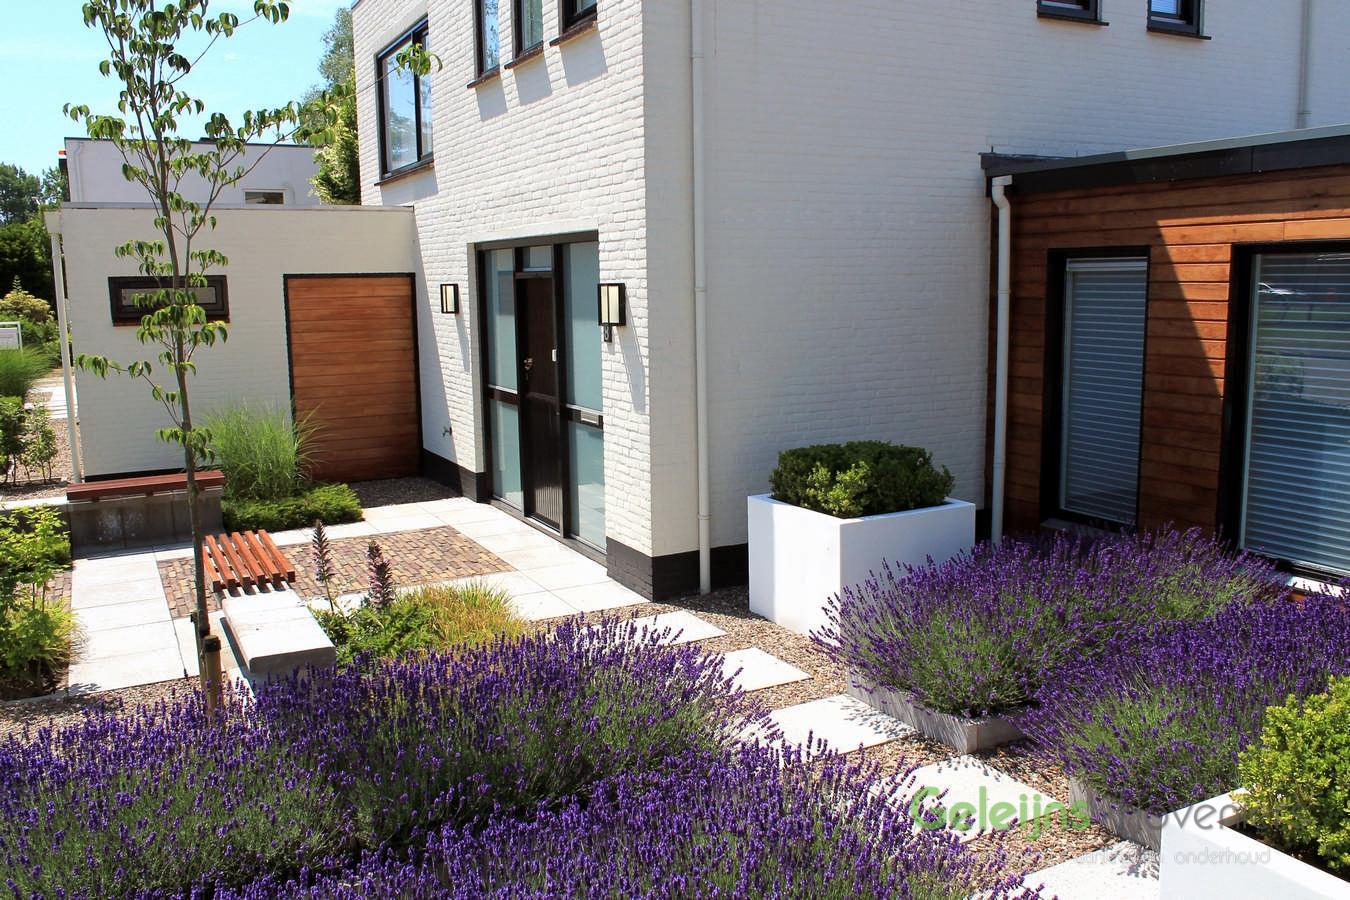 Design voortuin in roosendaal geleijns hoveniers - Tuin met openlucht design ...